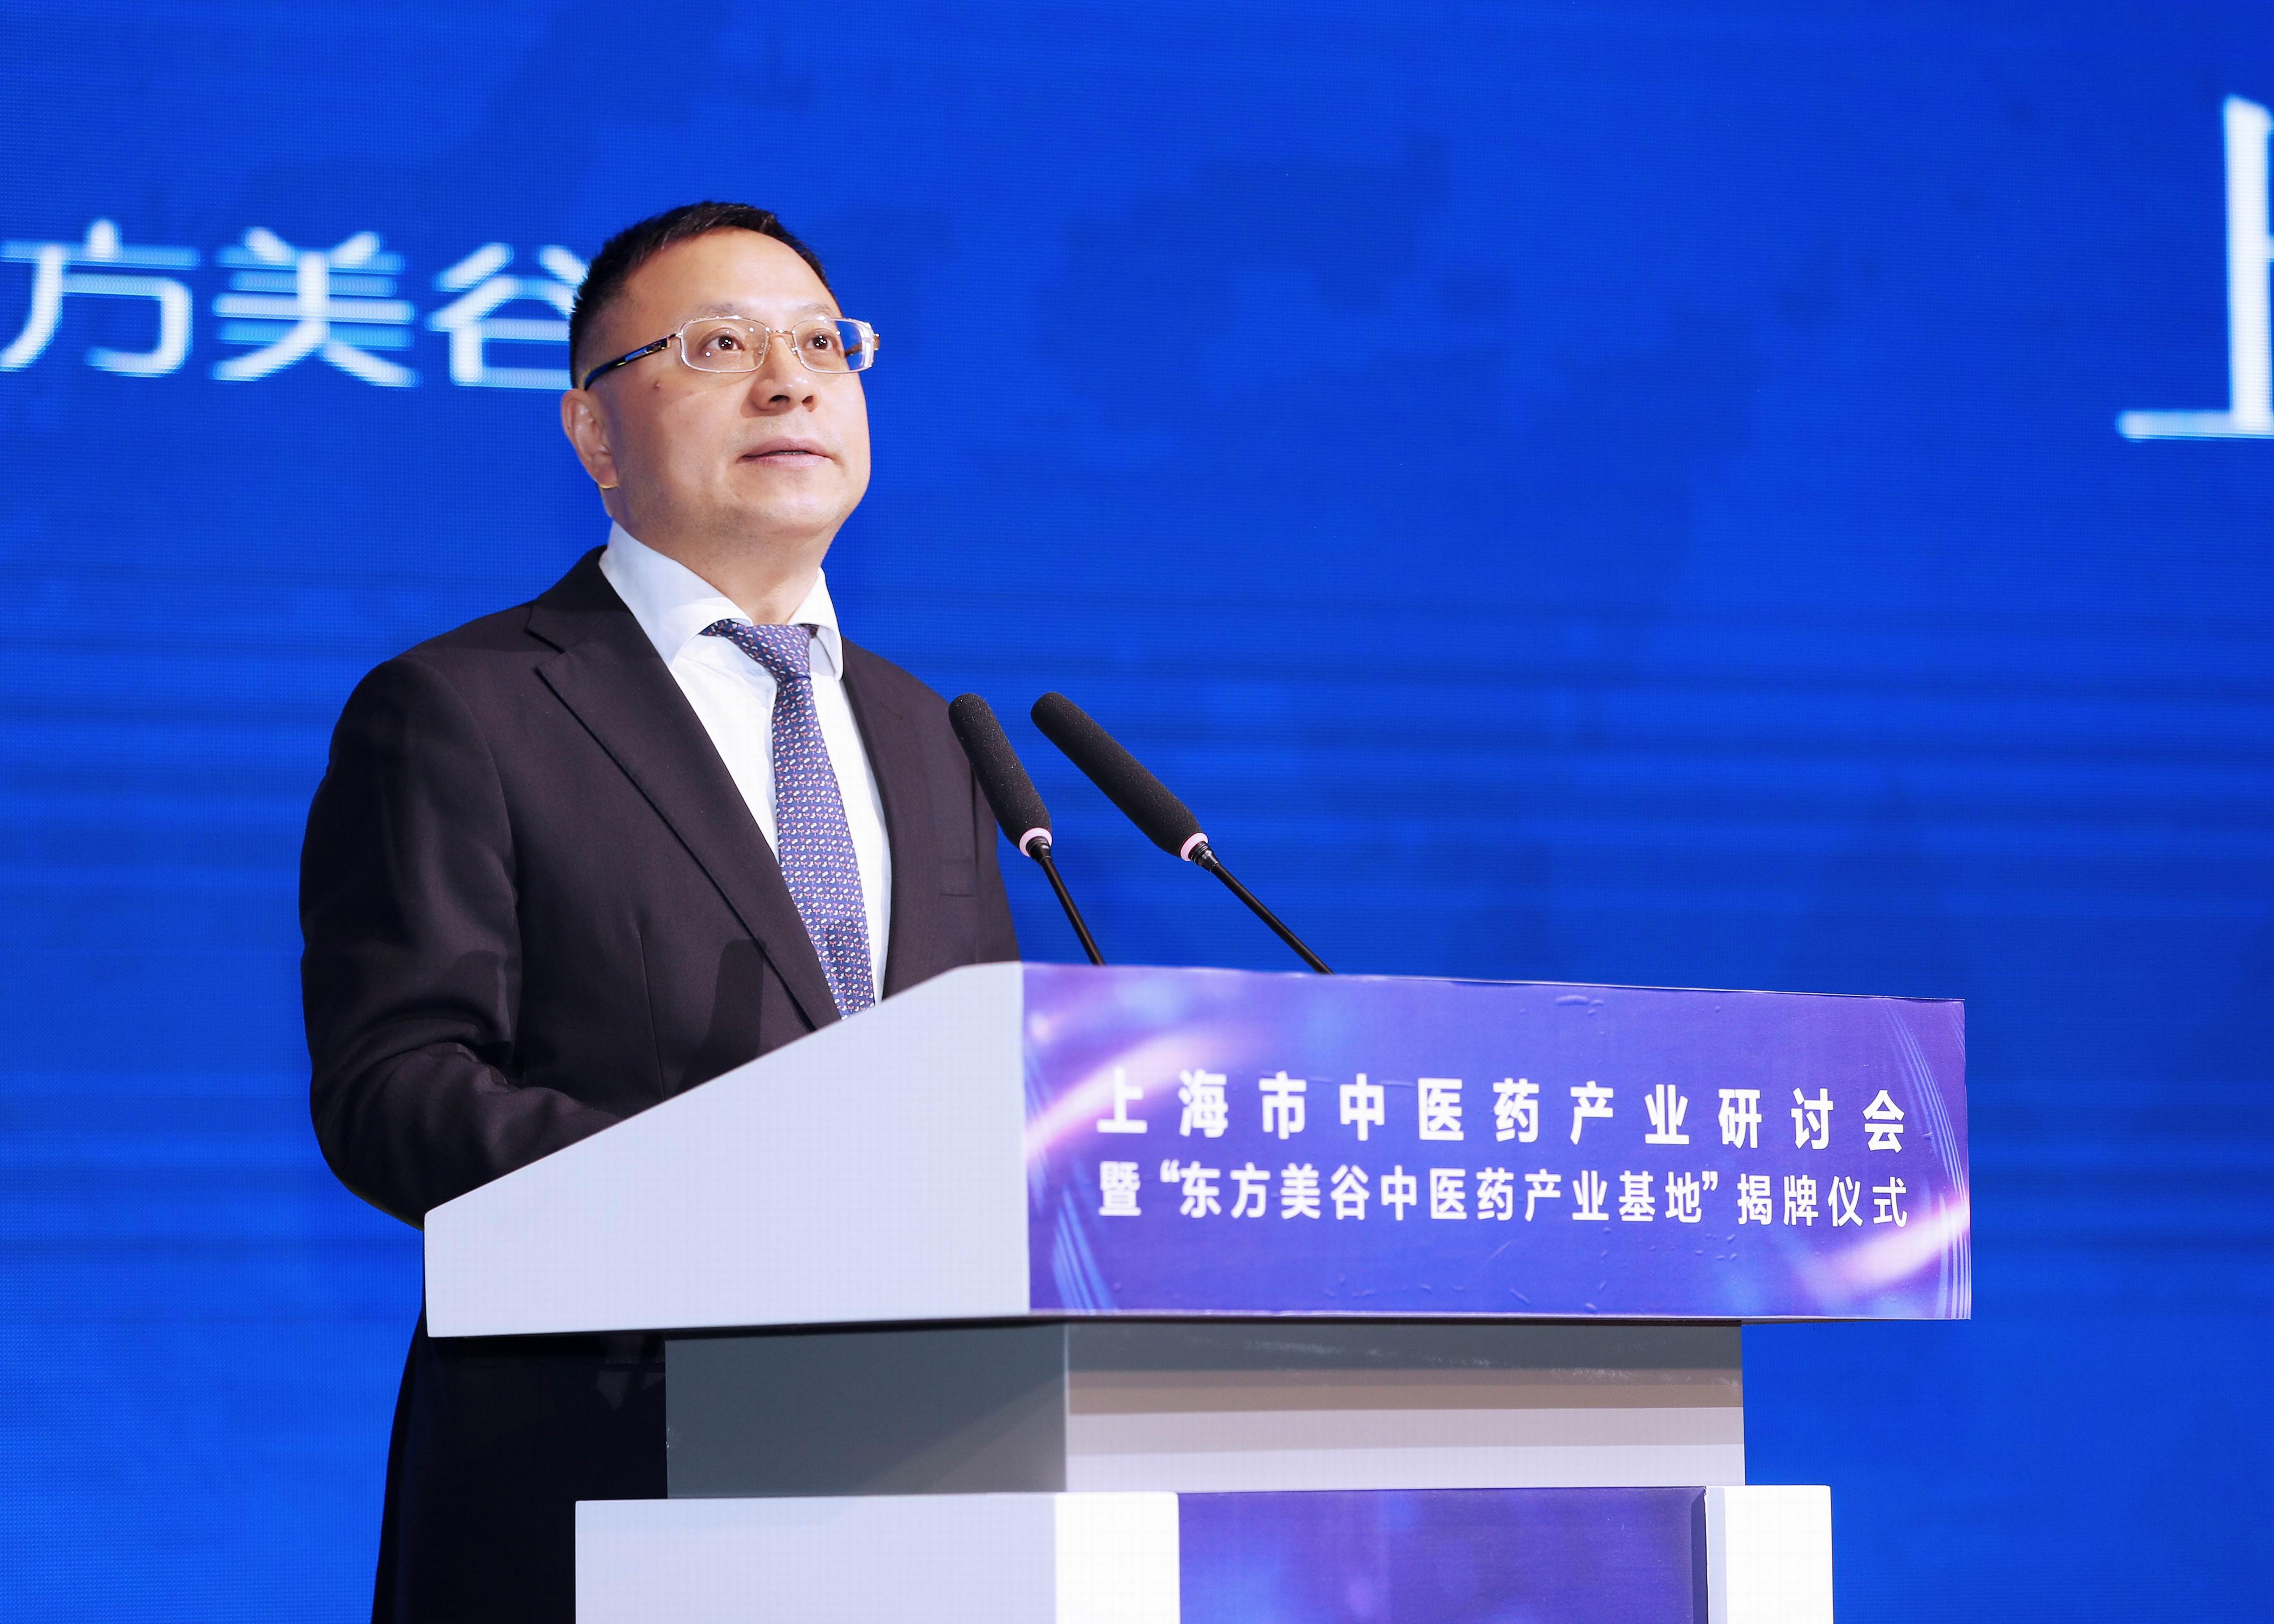 7、顾佾正在主持上海市中医药产业研讨会。